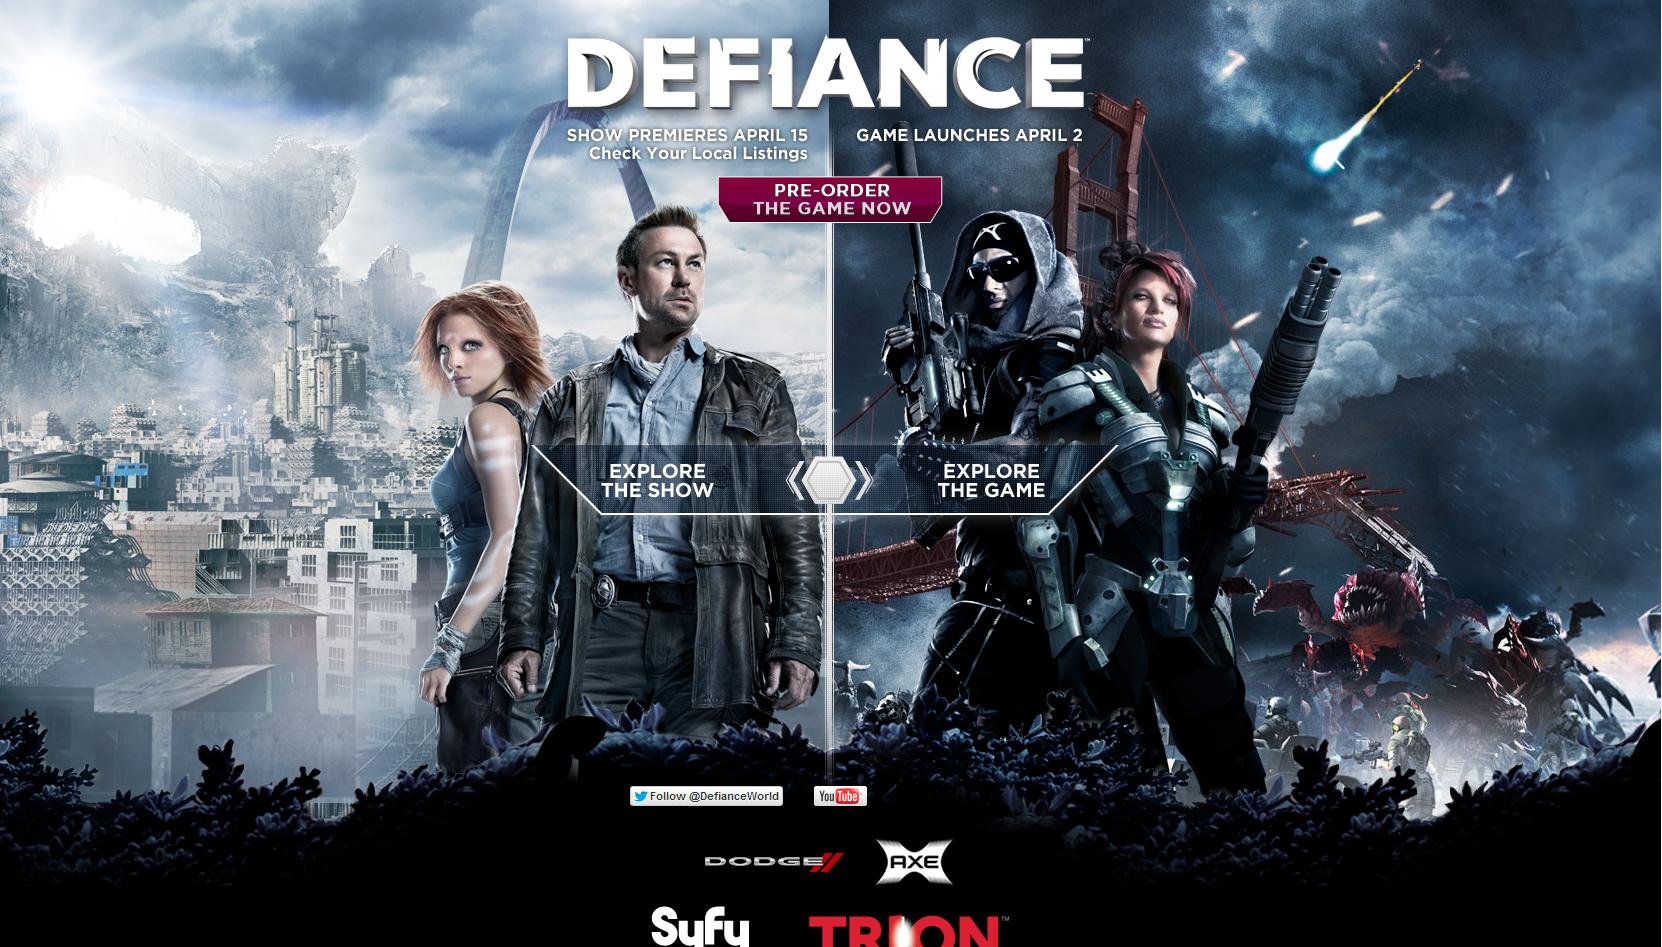 Разница между кино и видеоиграми никогда не была столько наглядной. Сериал Defiance одновременно и игра, и телесериа ... - Изображение 1